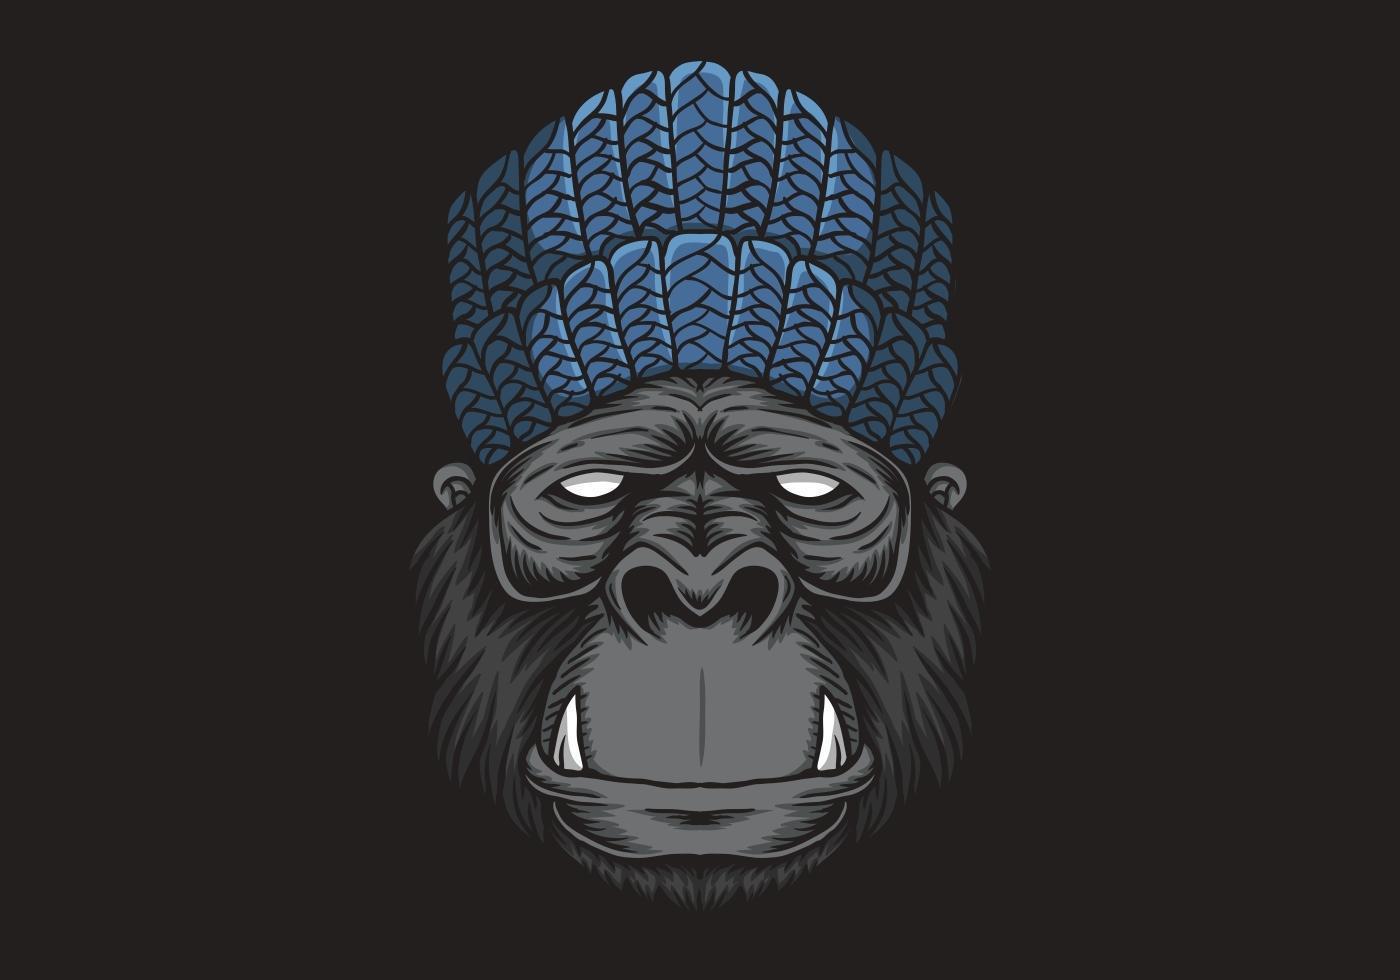 Illustration Vectorielle Tête De Gorille - Telecharger destiné Jeux De Gorille Gratuit